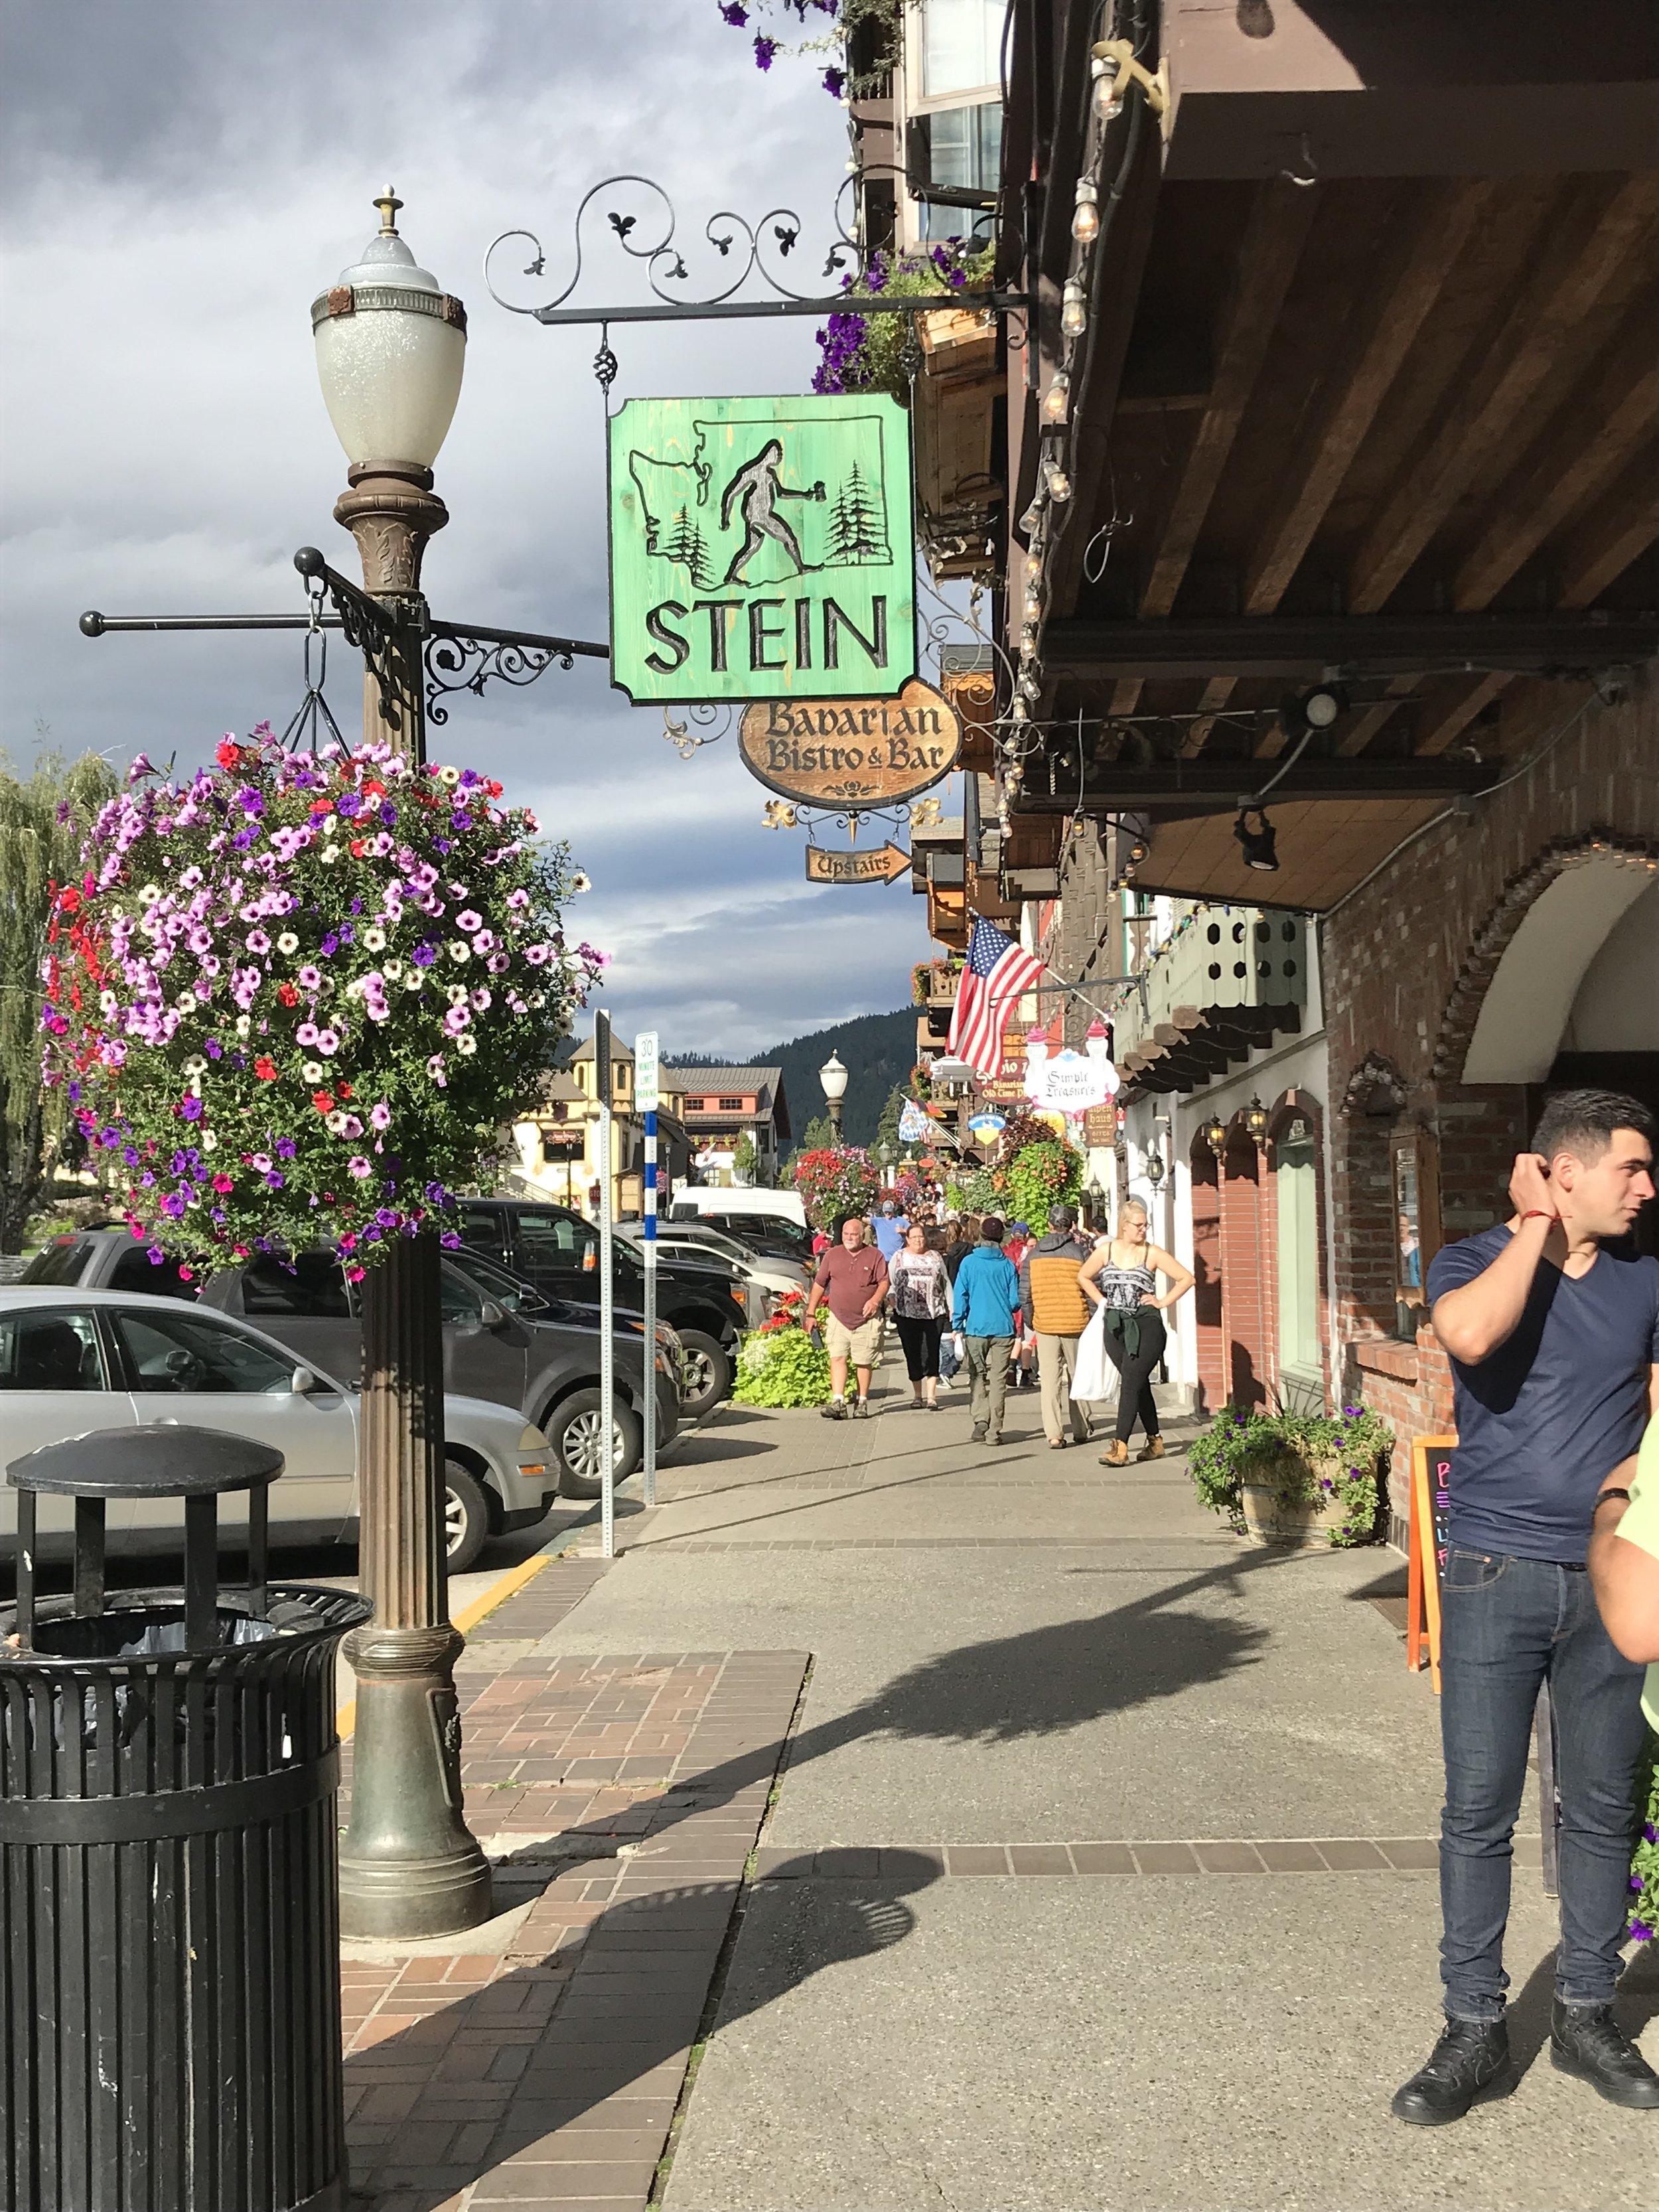 Stein, Downtown Leavenworth